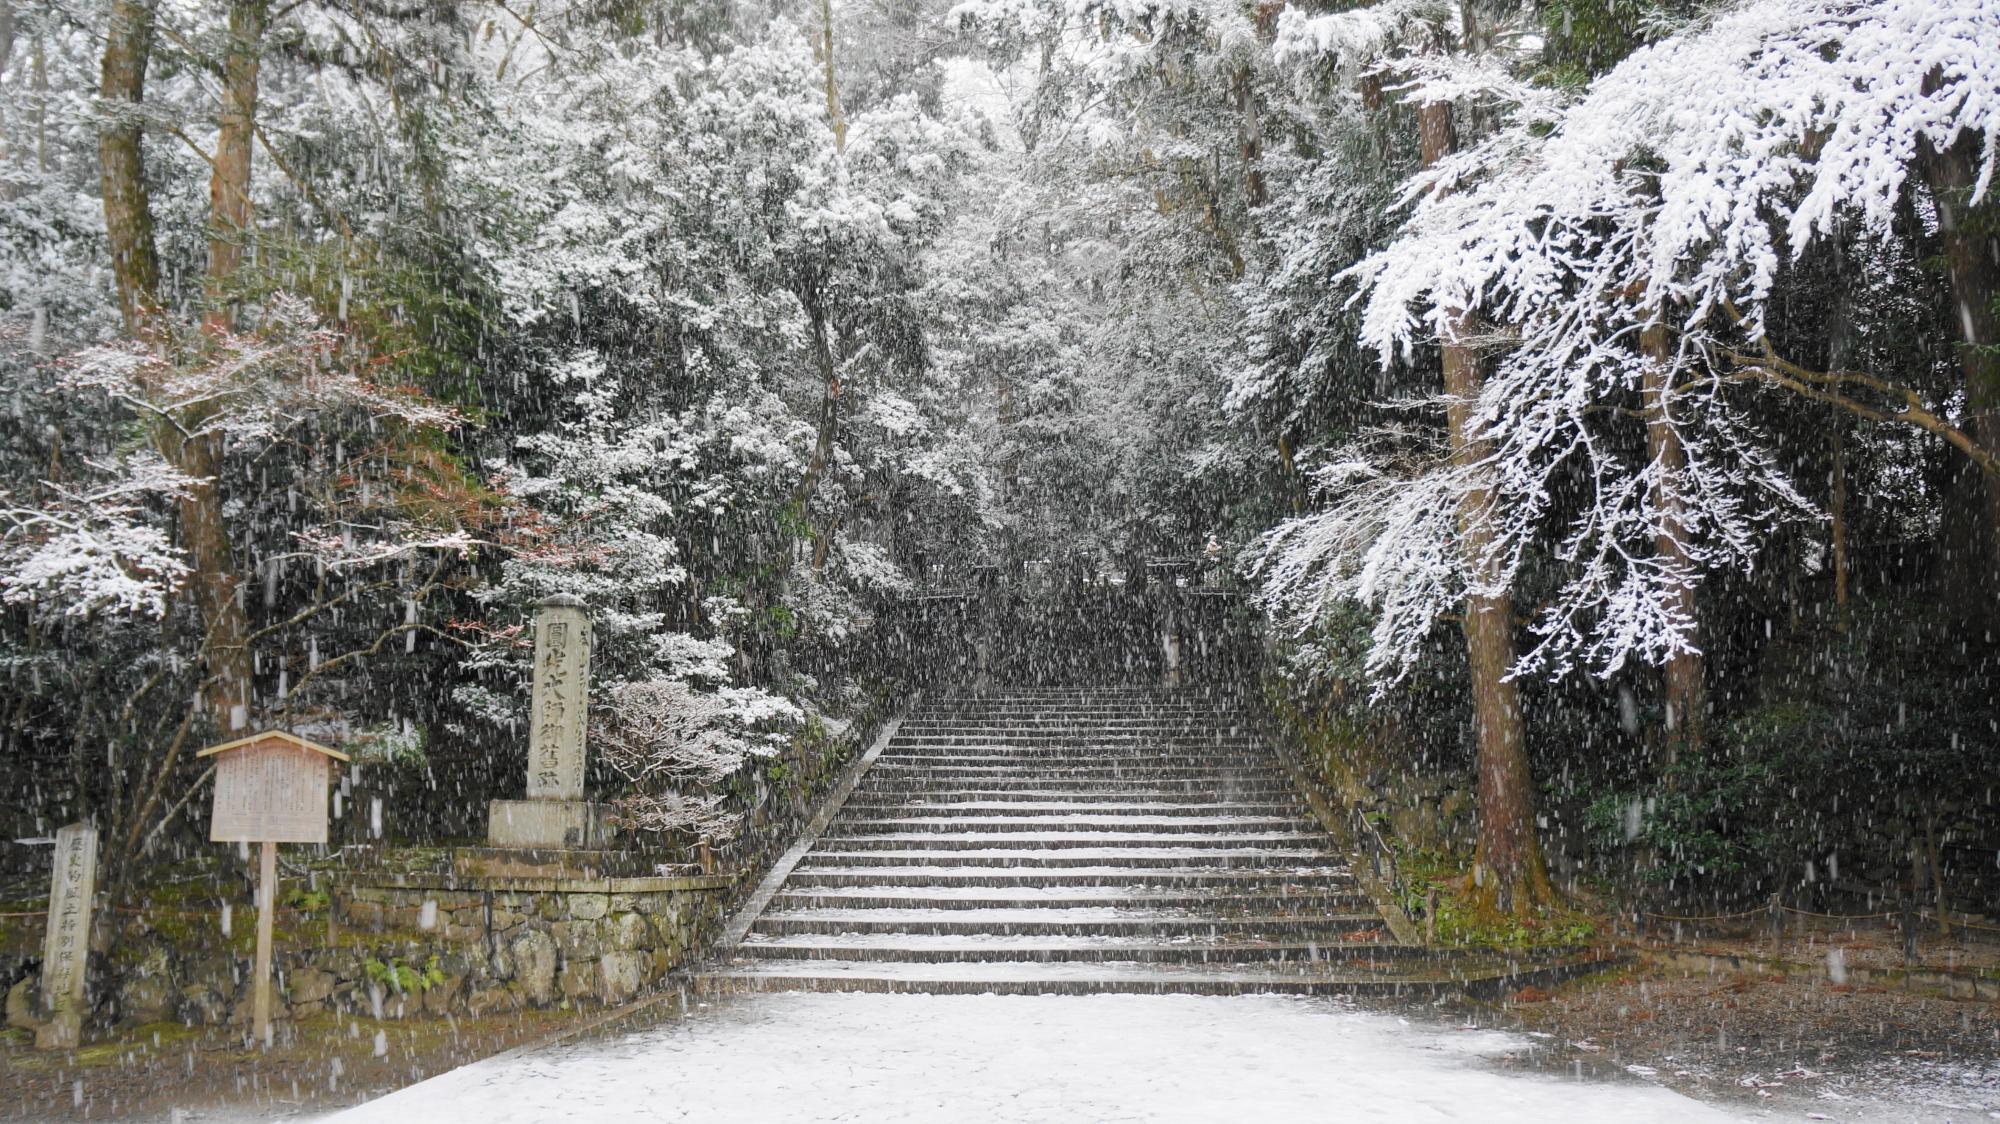 法然院の入り口の石段の雪景色